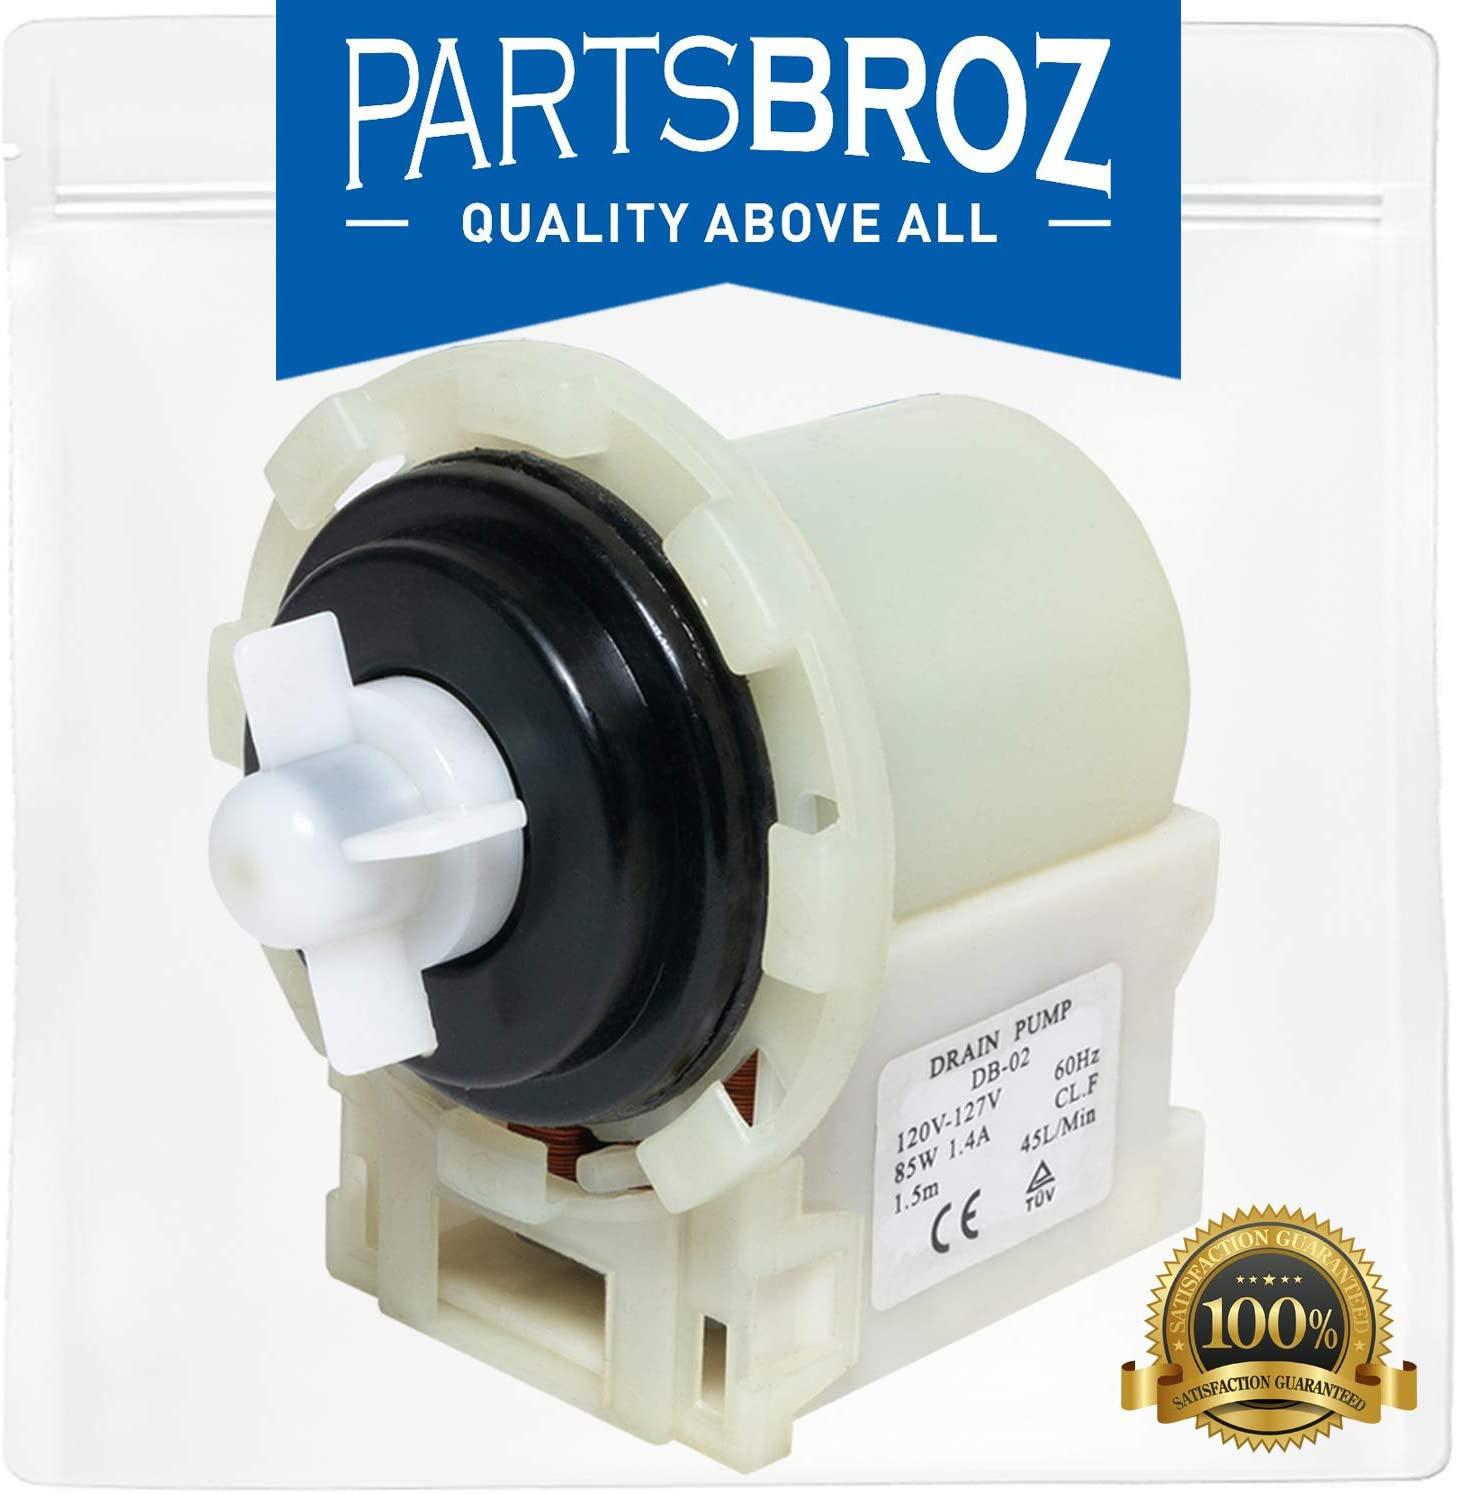 8540024 Water Pump for Whirlpool Washing Machines by PartsBroz - Replaces WPW10730972, AP6023956, W10130913, W10730972, 8540025, 8540027, 8540028, 8540996, PS11757304, W10117829, W10183434, W10190647